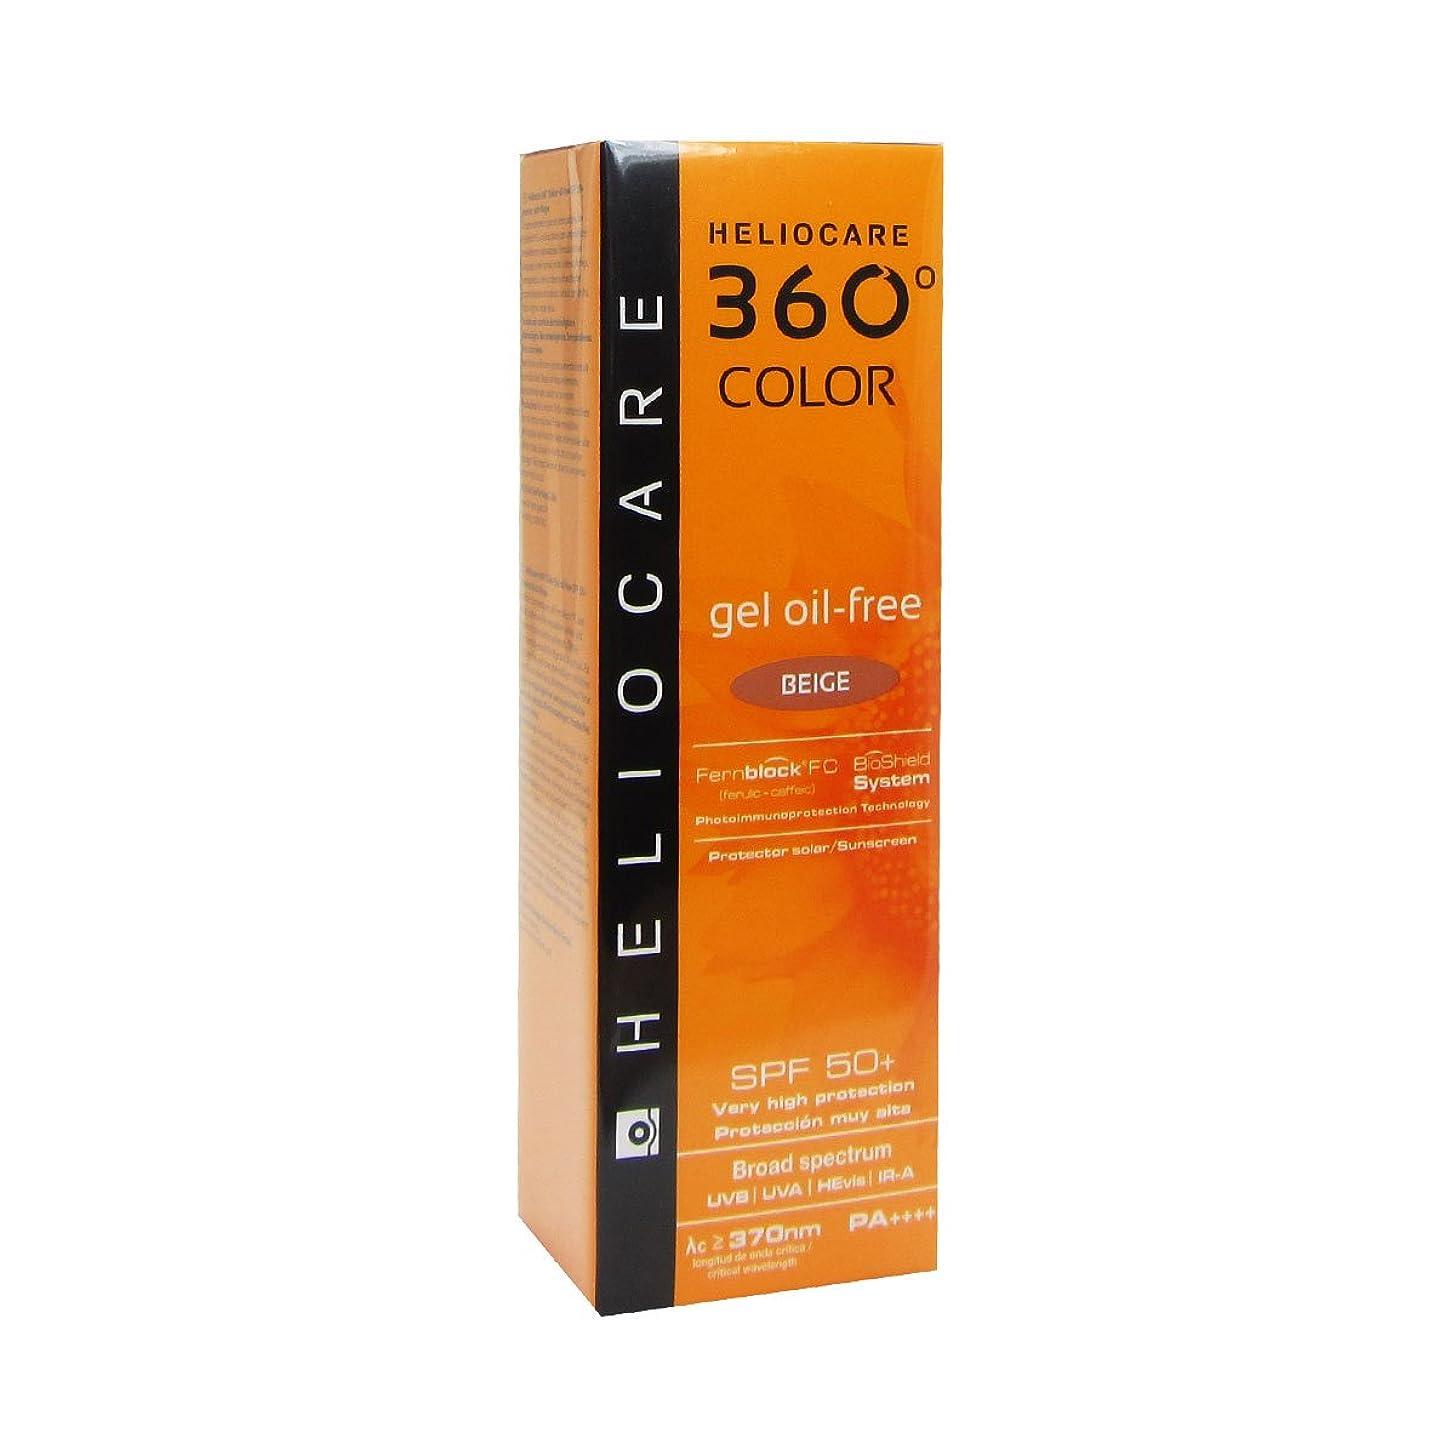 振り向く海軍ありがたいHeliocare 360 Gel-color Oil-free Spf50 Beige 50ml [並行輸入品]